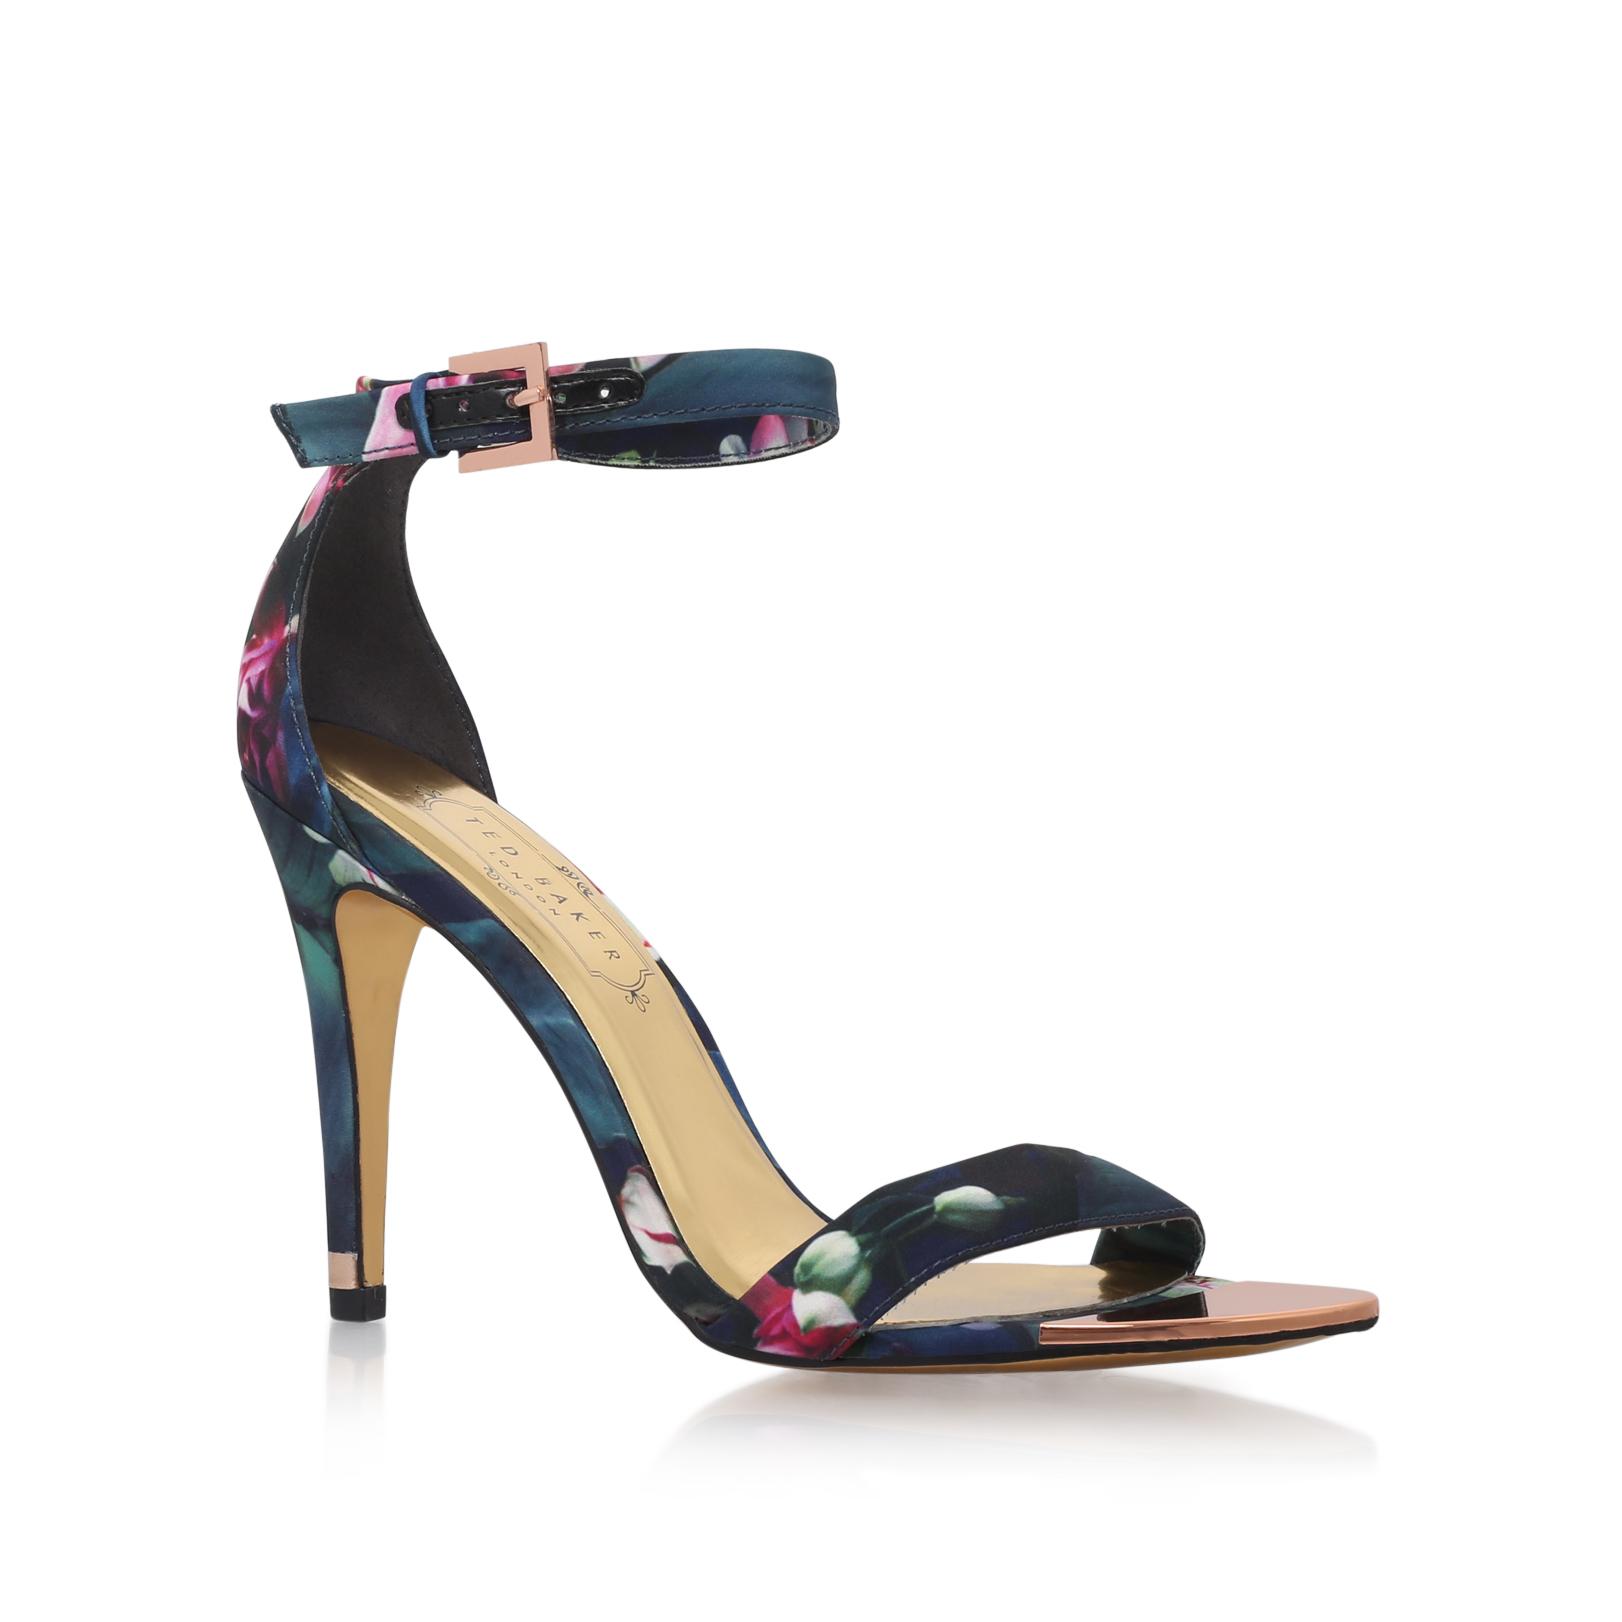 FLORAL ANKLE STRAP SANDAL Ted Baker Floral Ankle Strap Sandals Pink by TED  BAKER